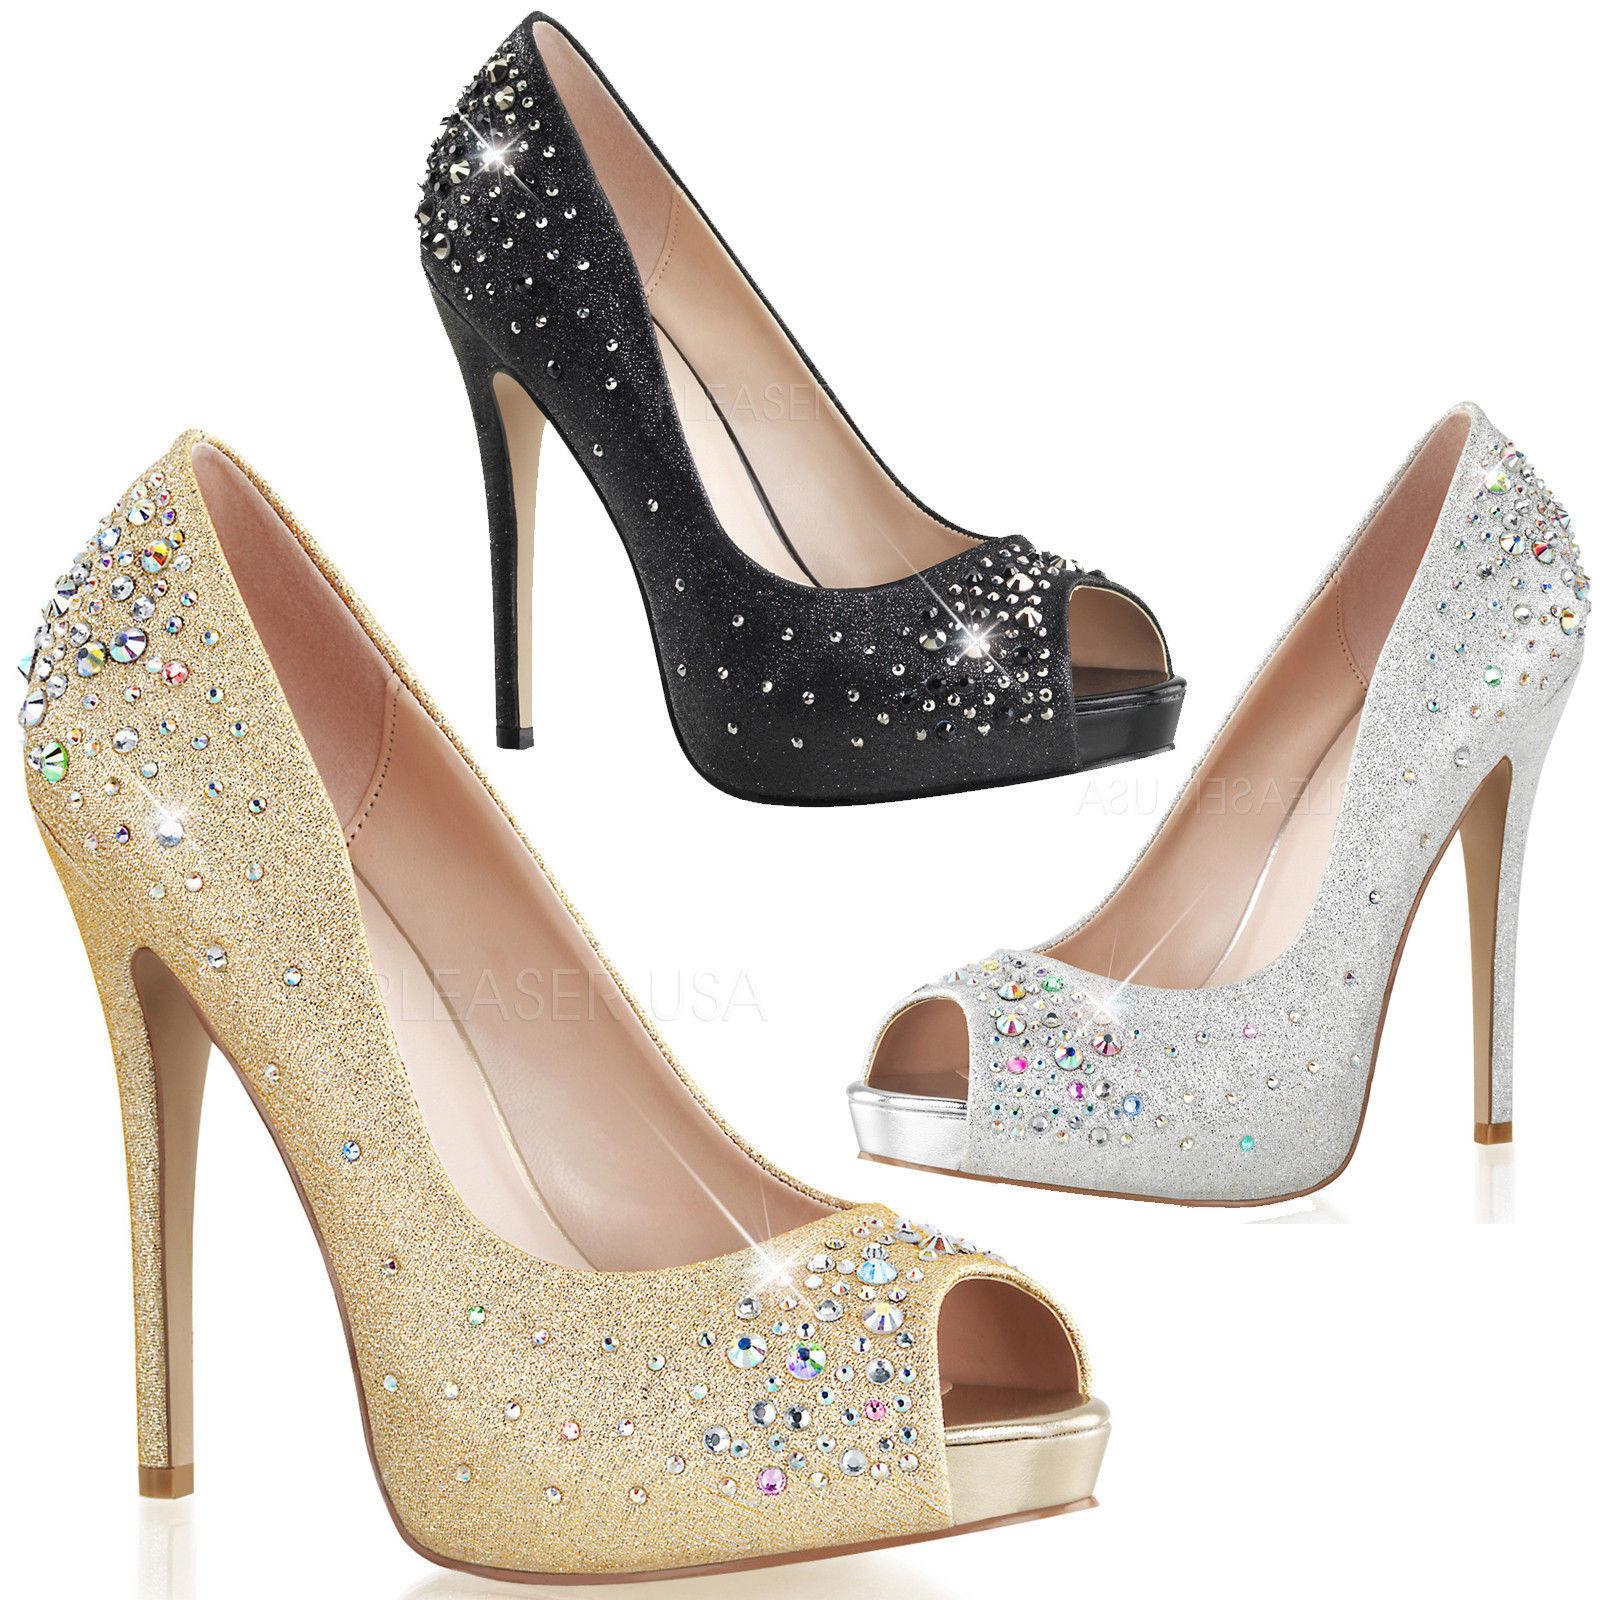 Zapatos casuales salvajes Heiress - 22r fabulicious señora tacón alto Peep Toe pumps glitzersteinchen gr35-42